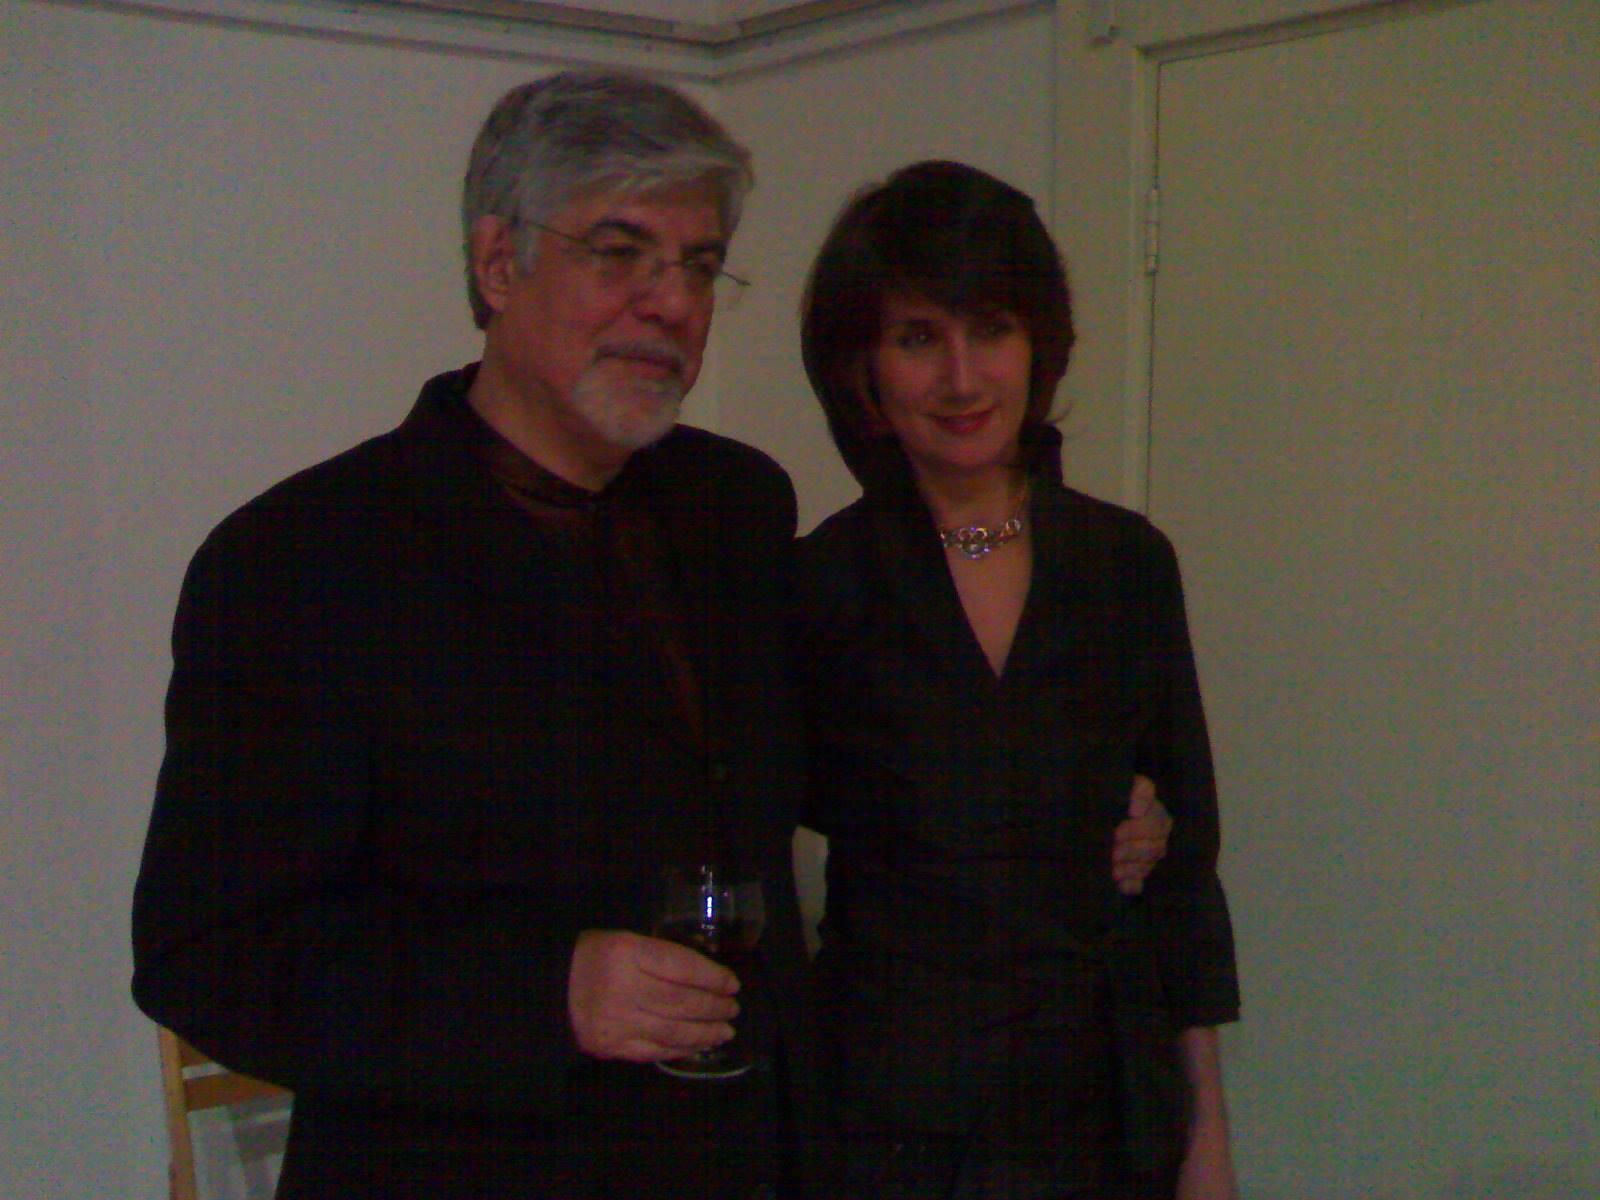 Claudia Carnevali, former Cultural Attaché for Venezuela in London